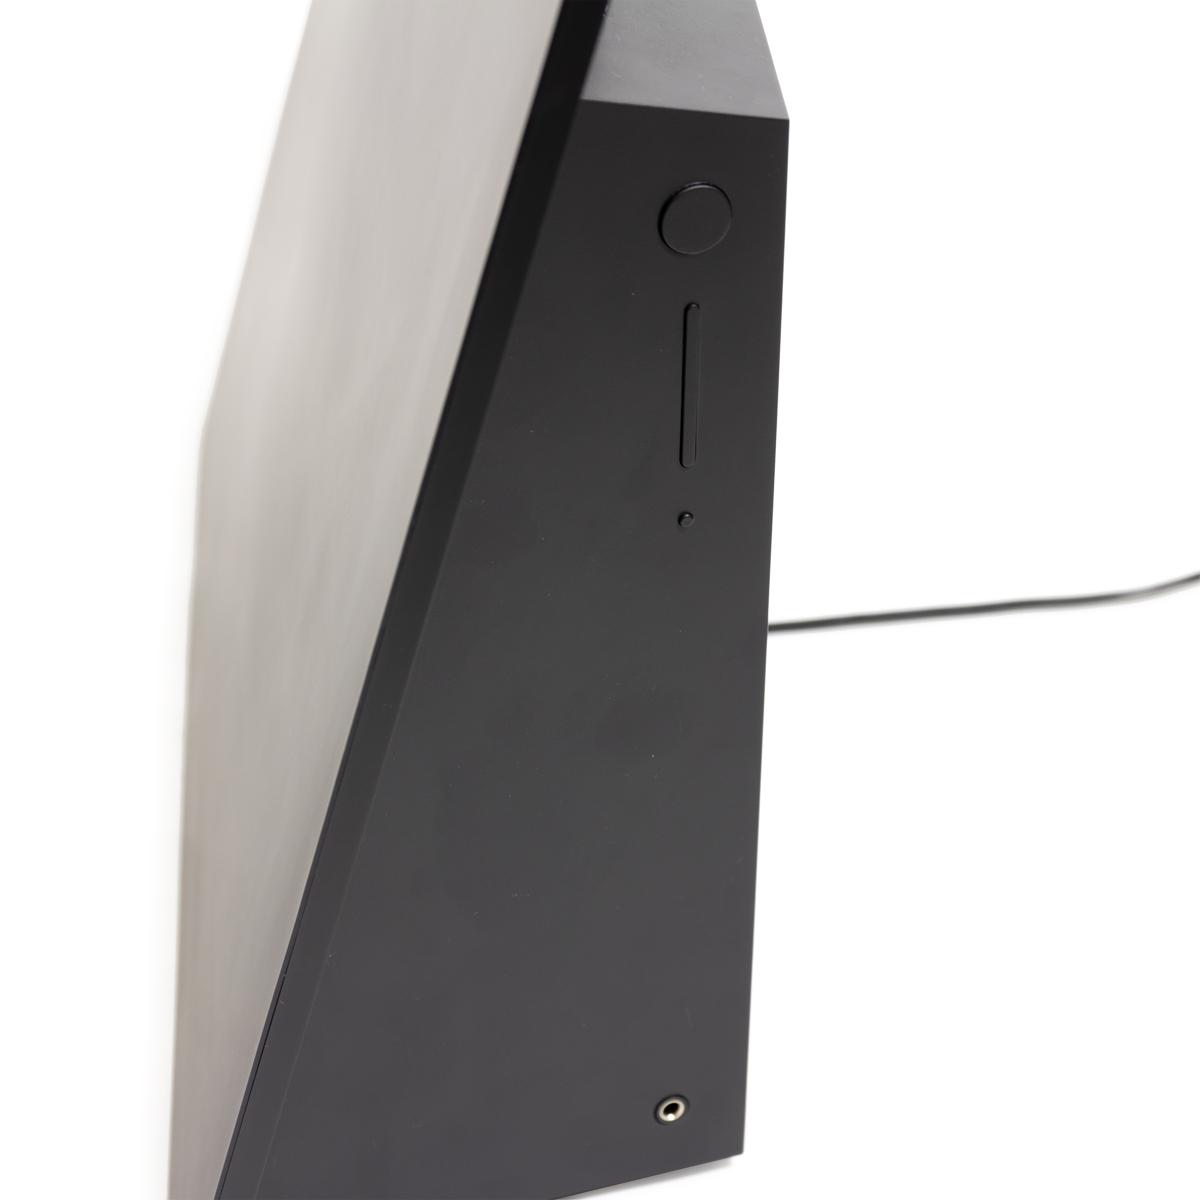 パワフルでふくよかな重低音と澄んだ高音域がバランス良く響き渡り、アーティストがすぐ側で歌っているかのような臨場感のあるサウンドデザインを実現したスピーカー|Lyric Speaker Canvas